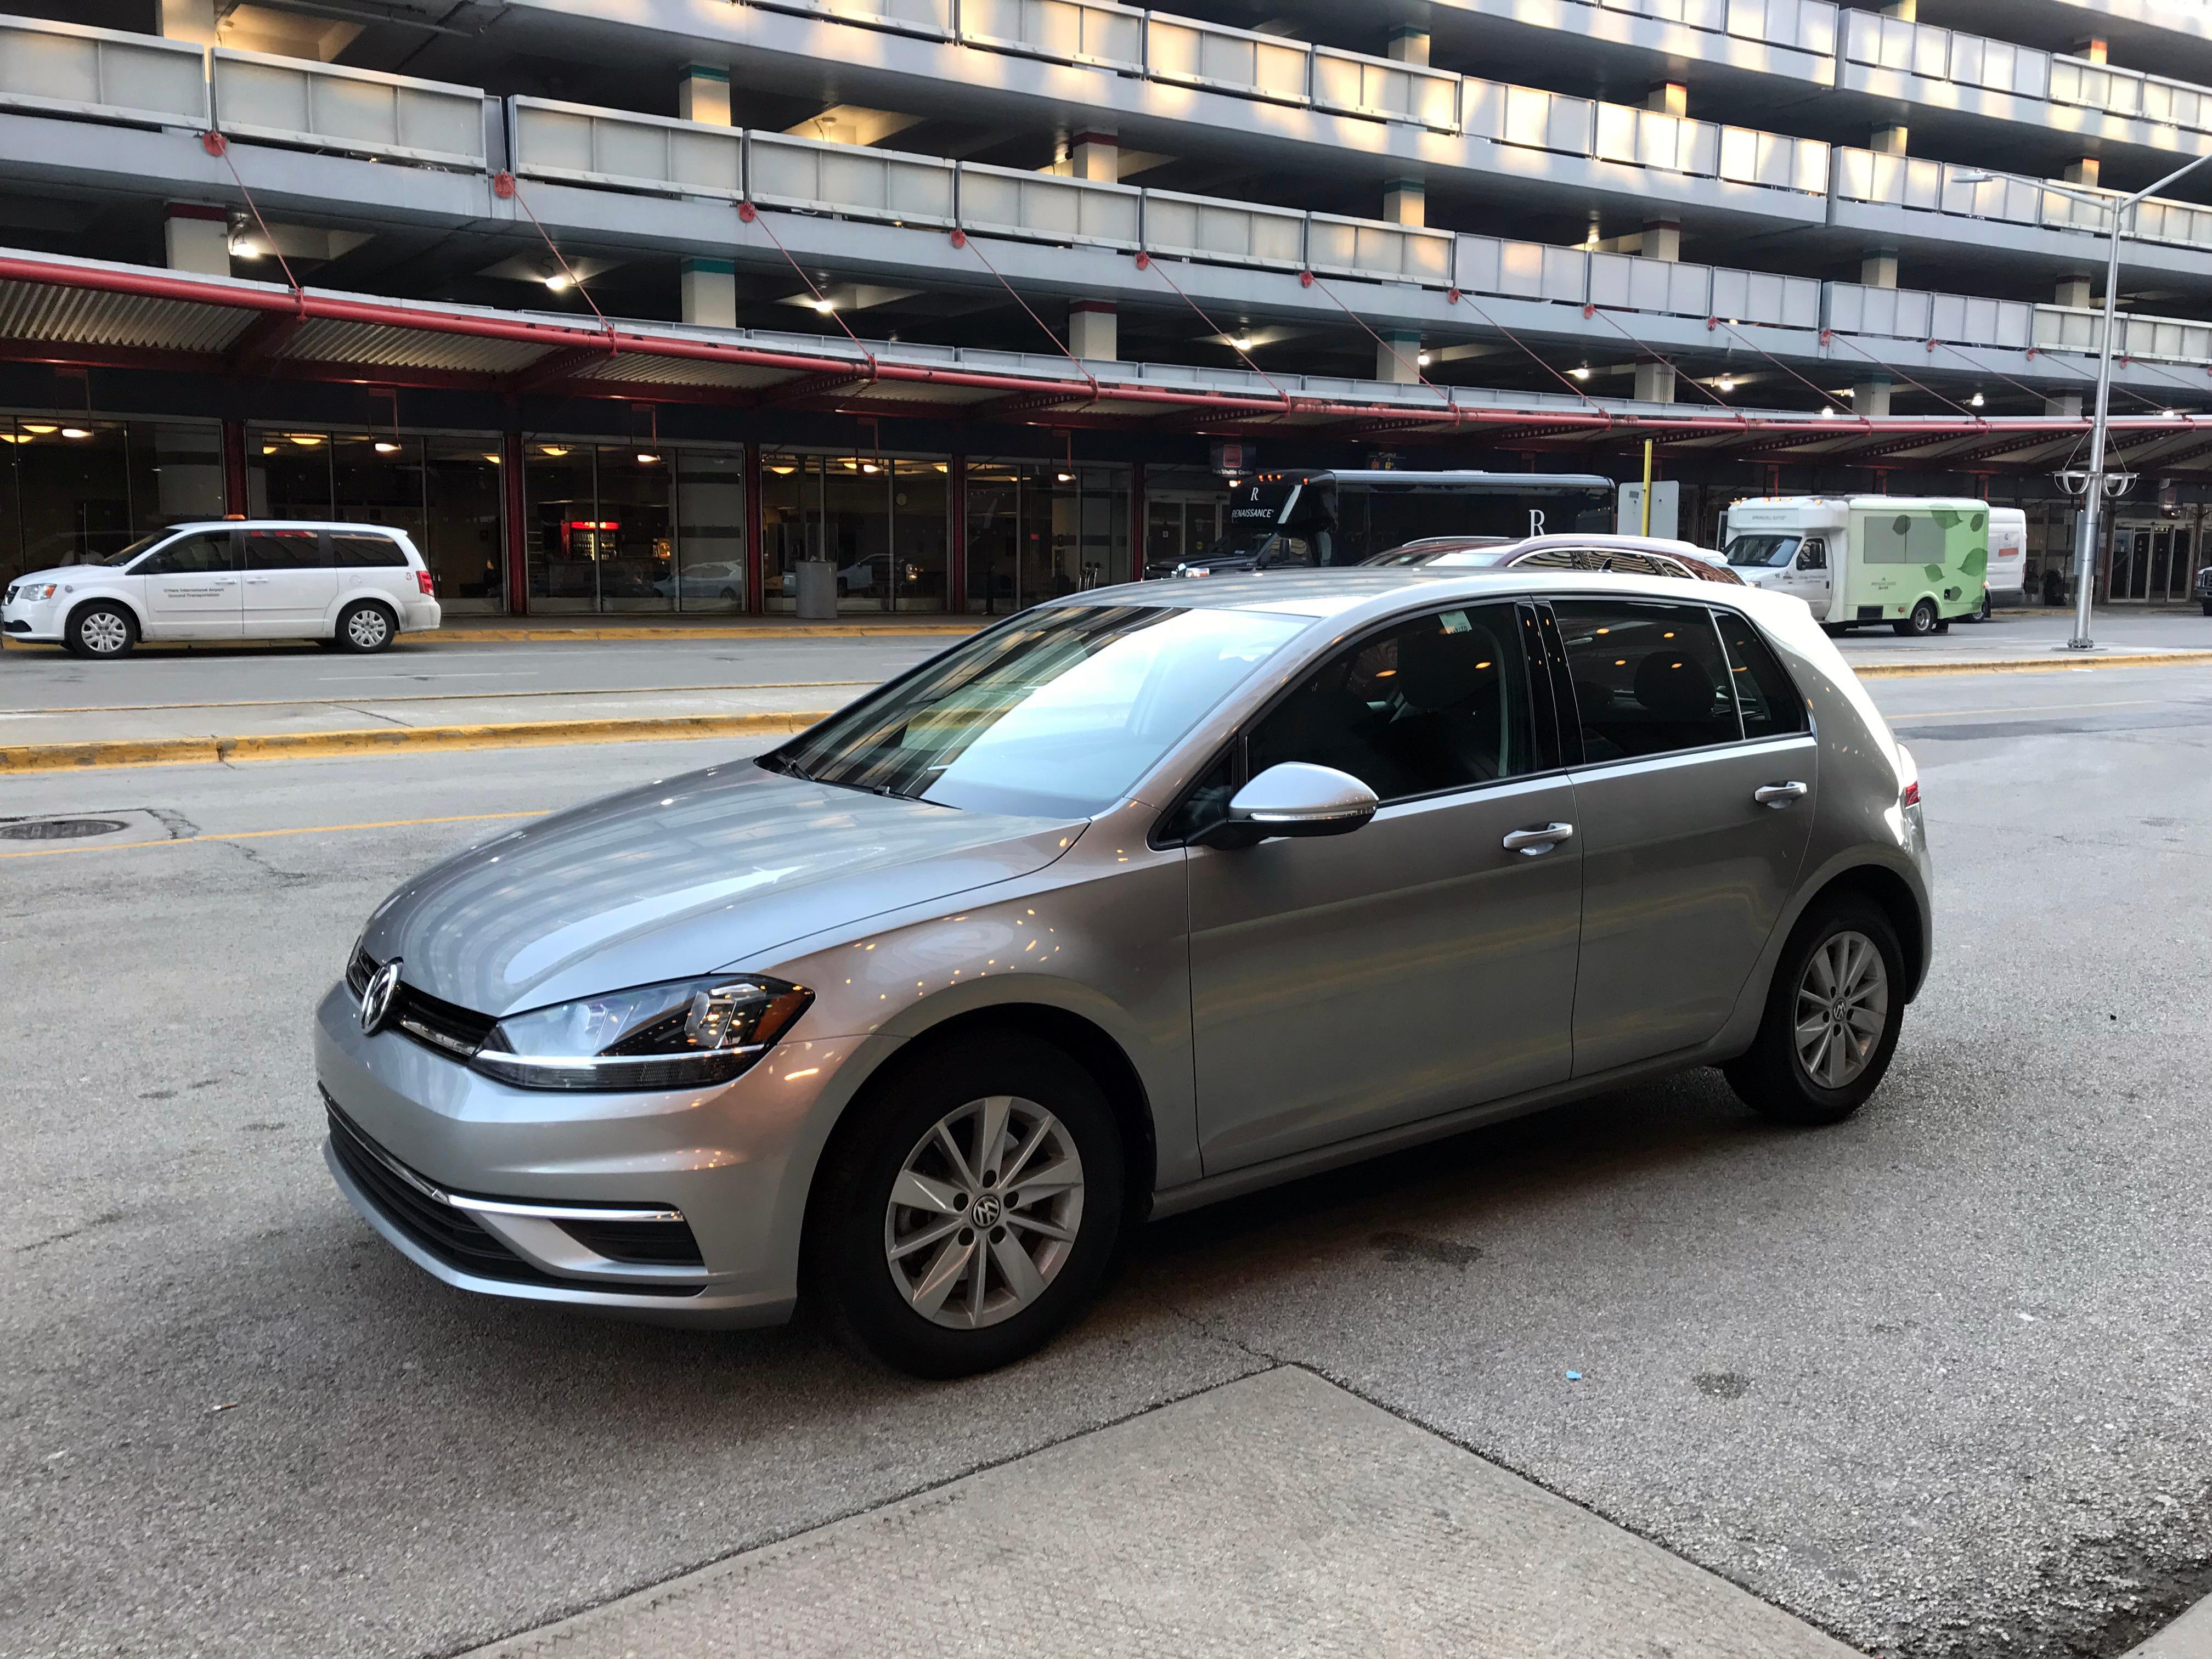 & 2018 Volkswagen Golf: Five-door hatch is both fun and functional | WMSN